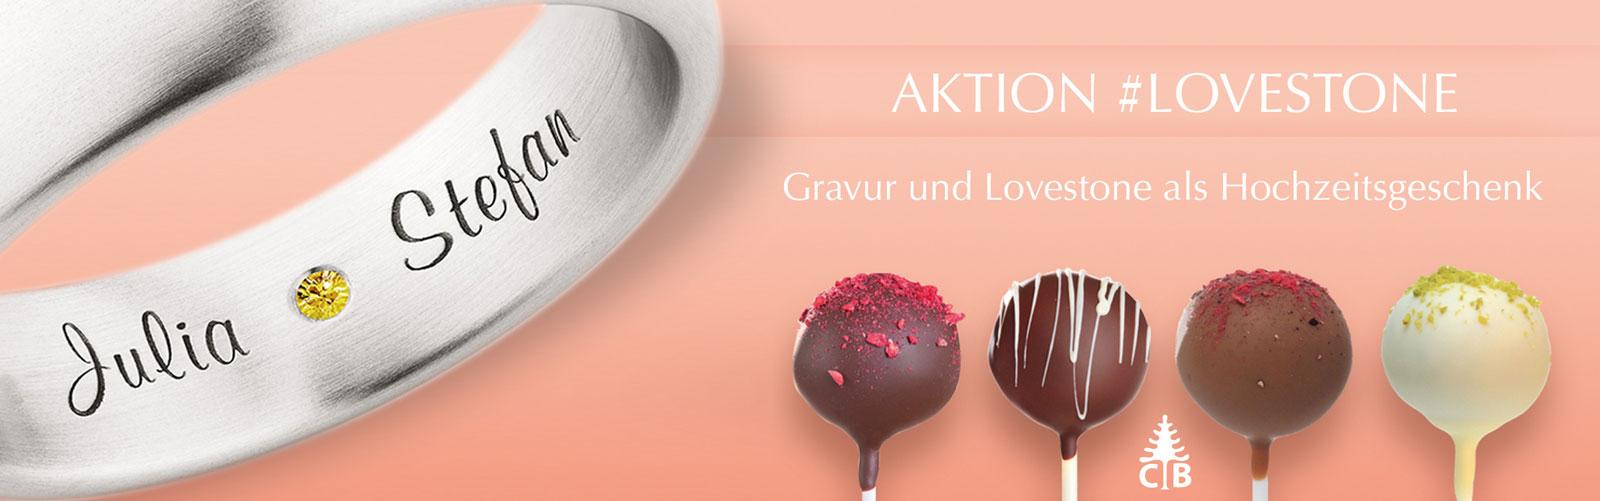 Lovestone als Geschenk zu Trauringen vn Juwelier Mommen am Neumarkt in Köln.